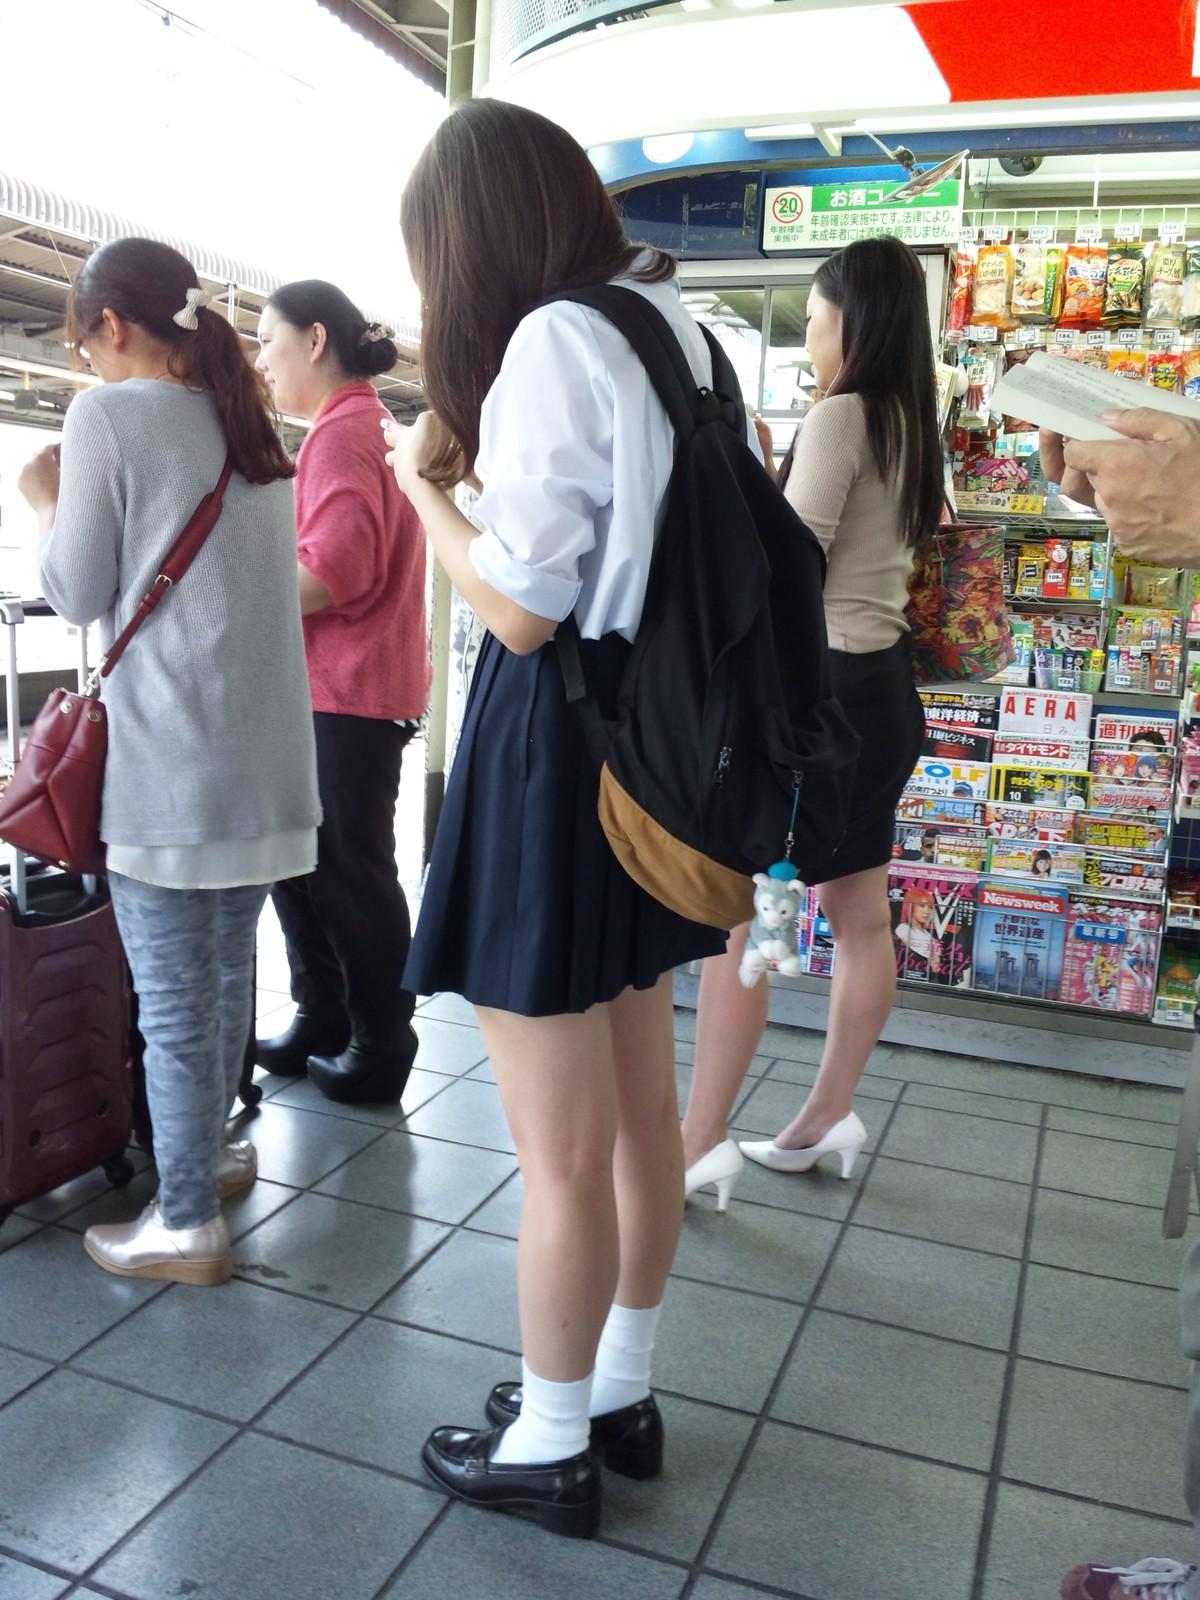 【画像】うっすら下着がみえる夏JK画像